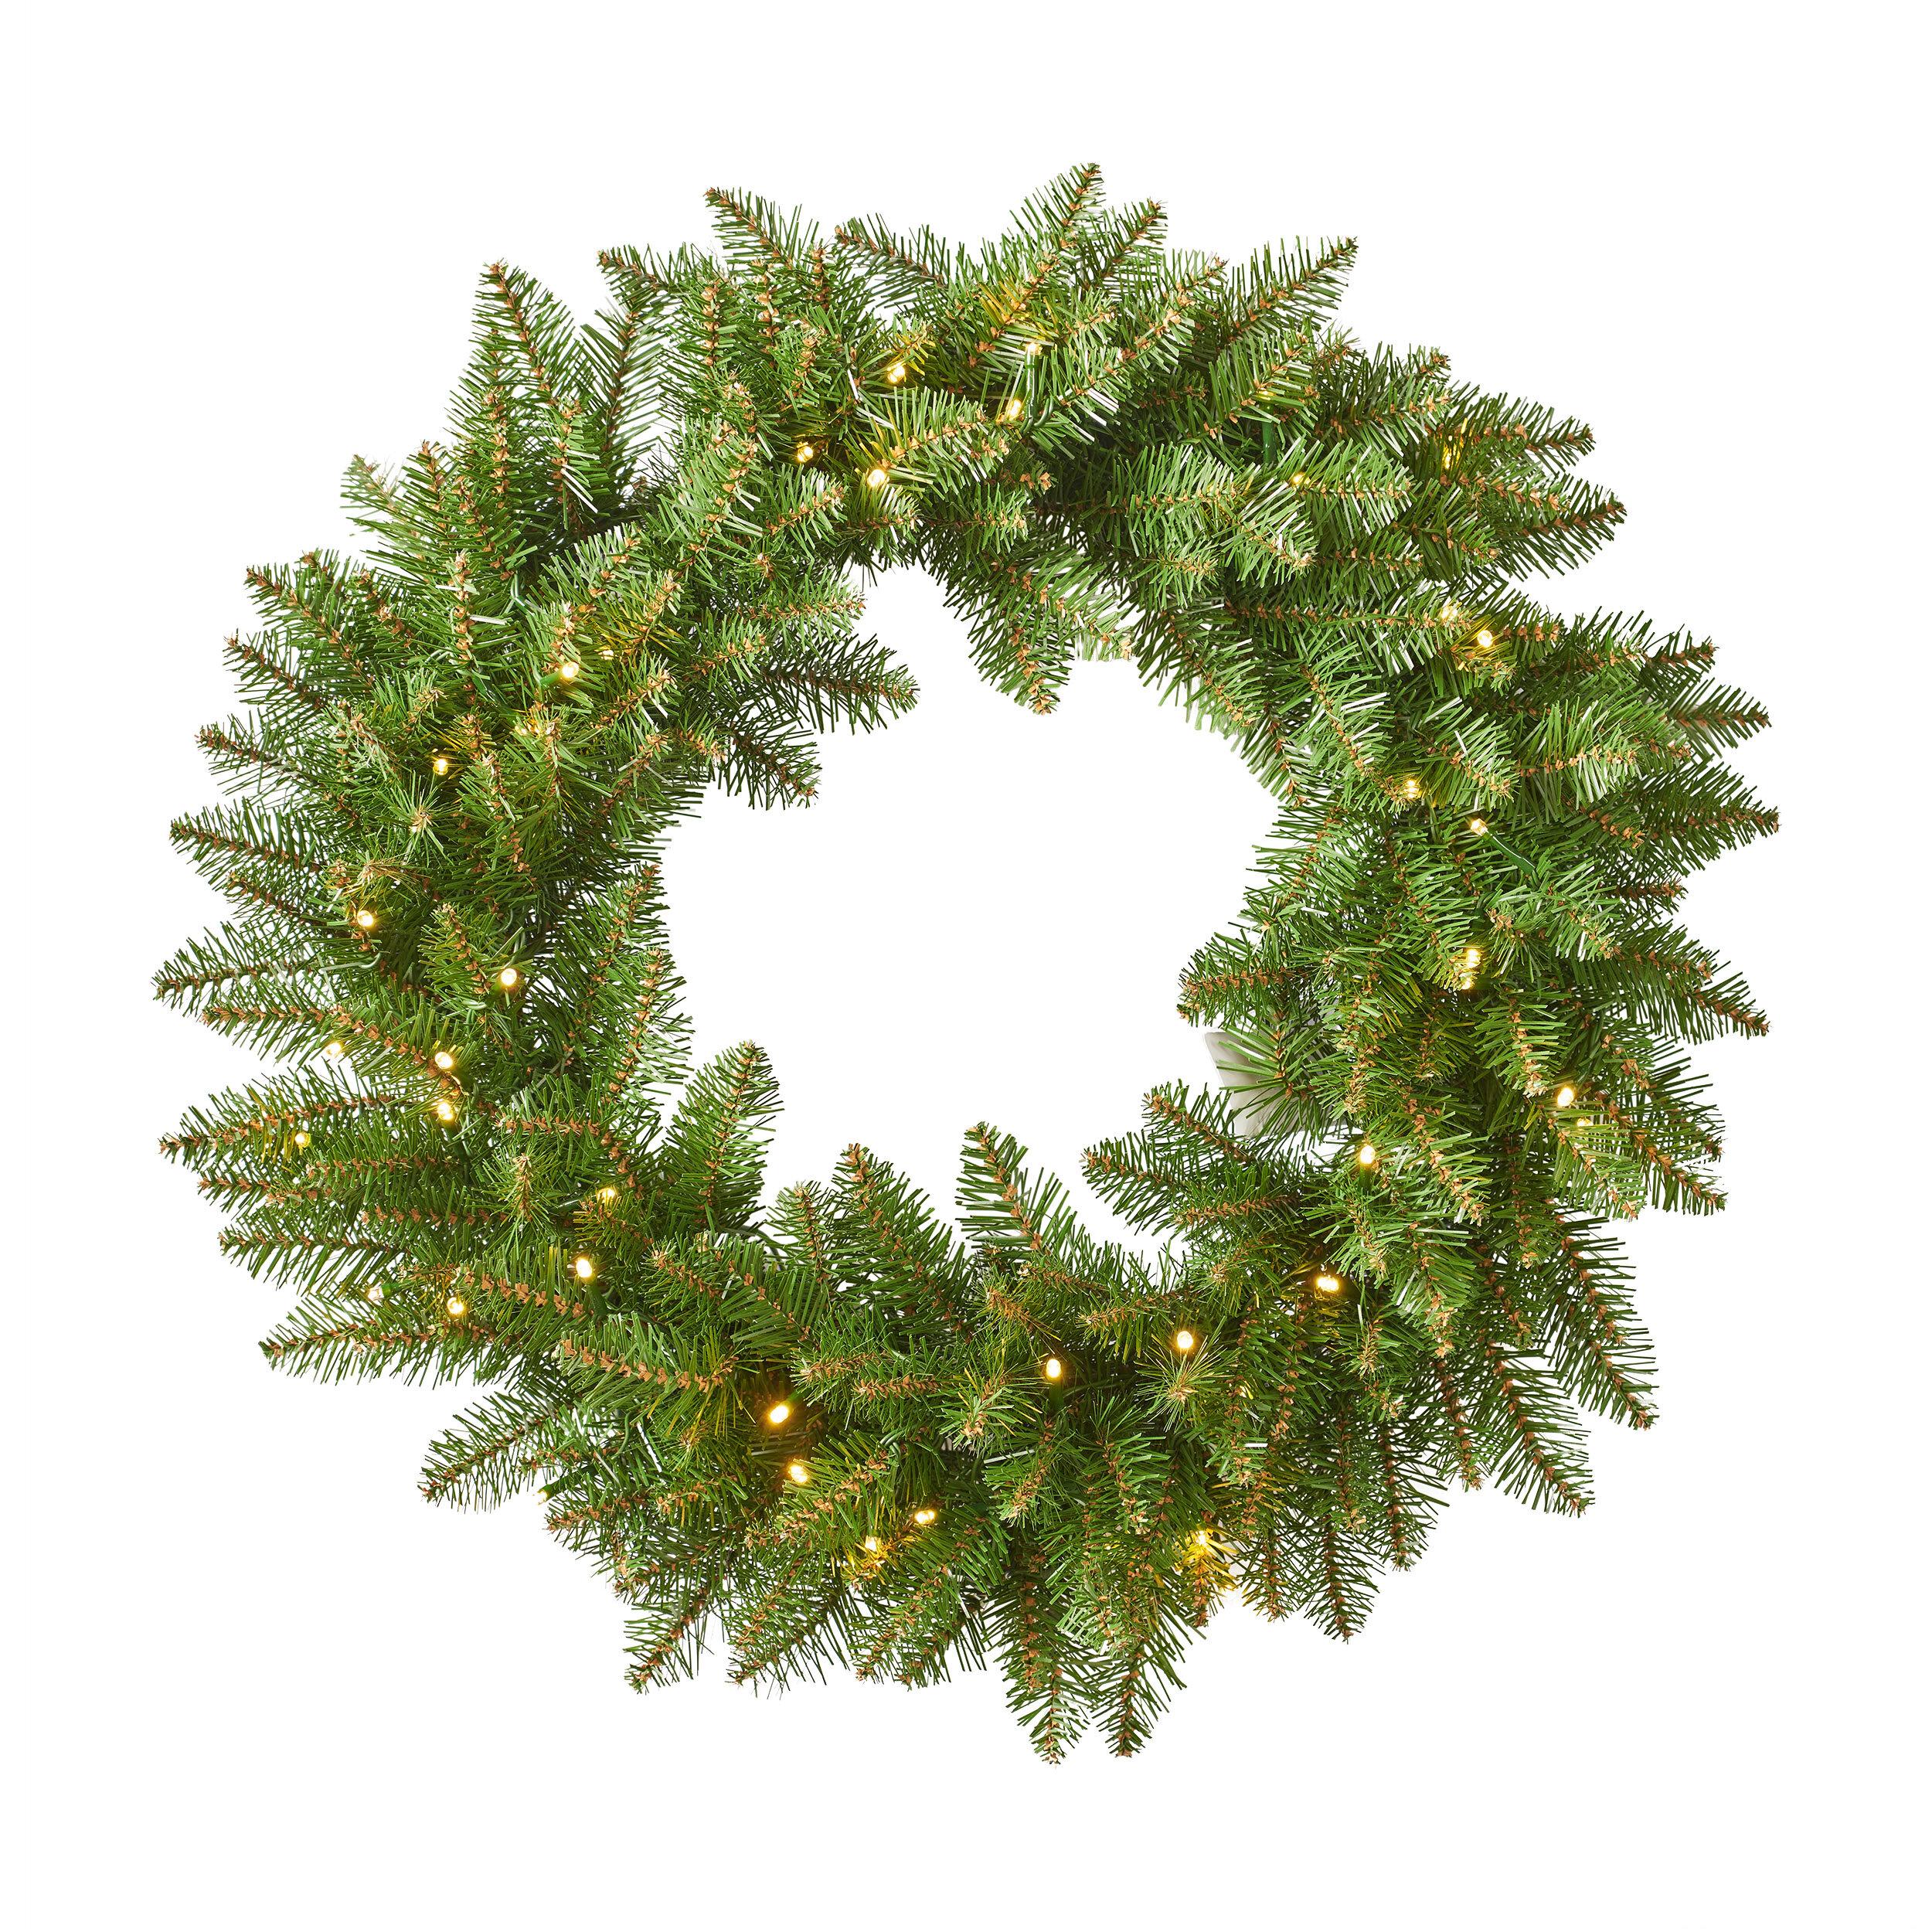 The Holiday Aisle Dunhill Fir Christmas 24 Lighted Pvc Wreath Wayfair Mild 20